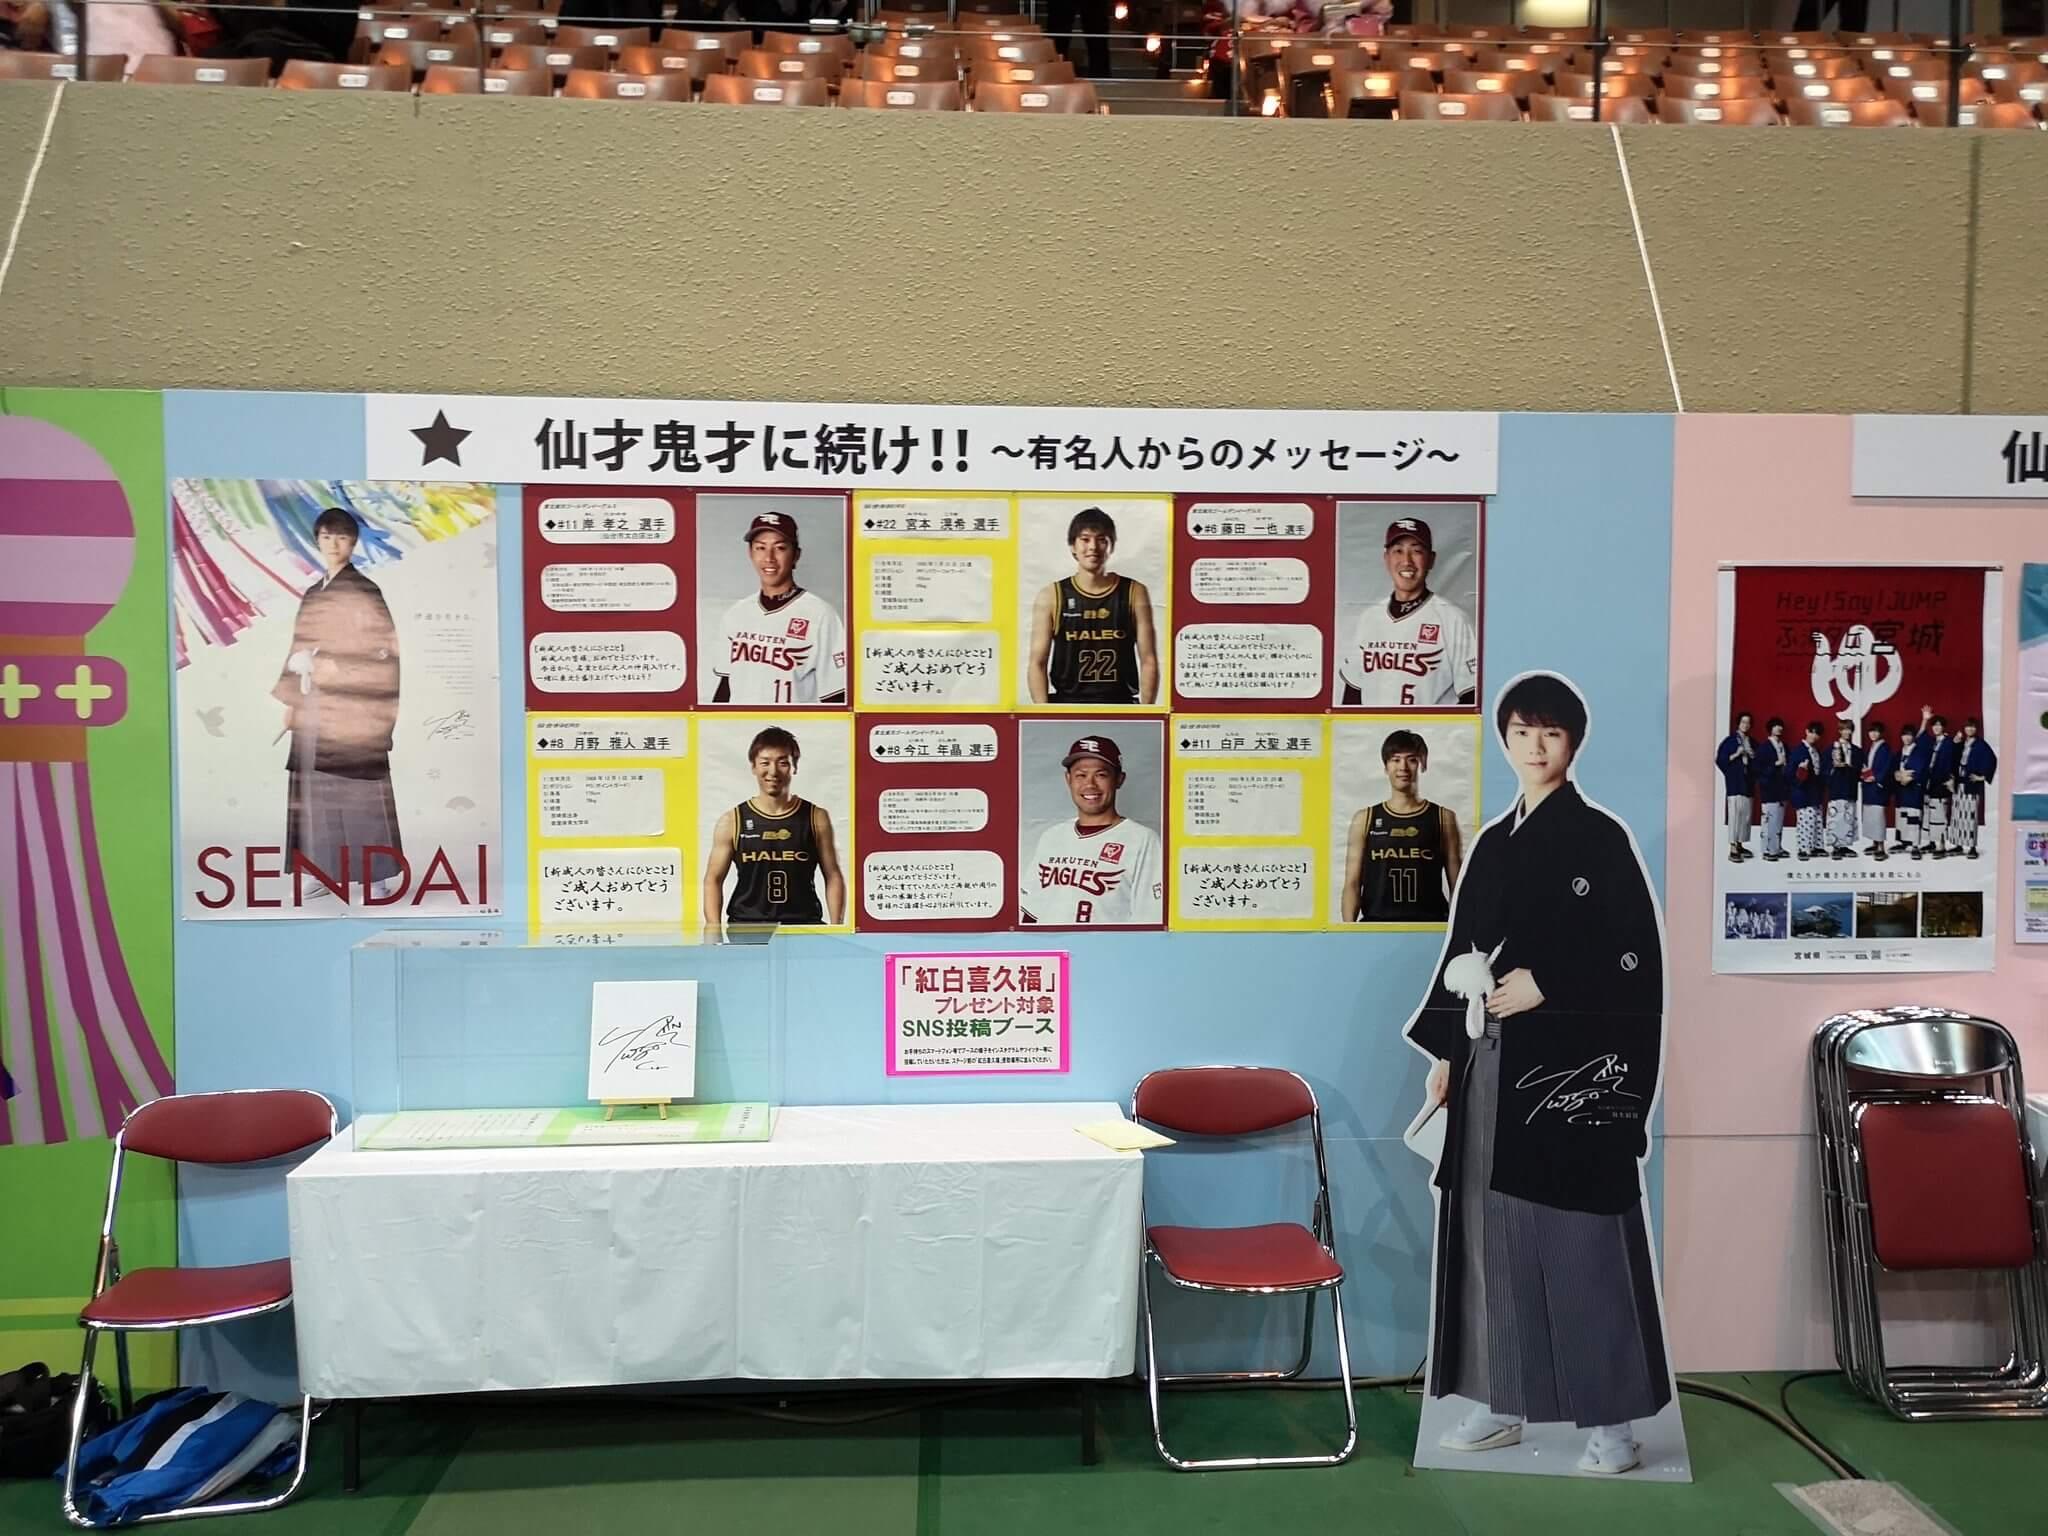 明日は成人の日! 仙台市成人式ブースには羽生結弦パネルが!